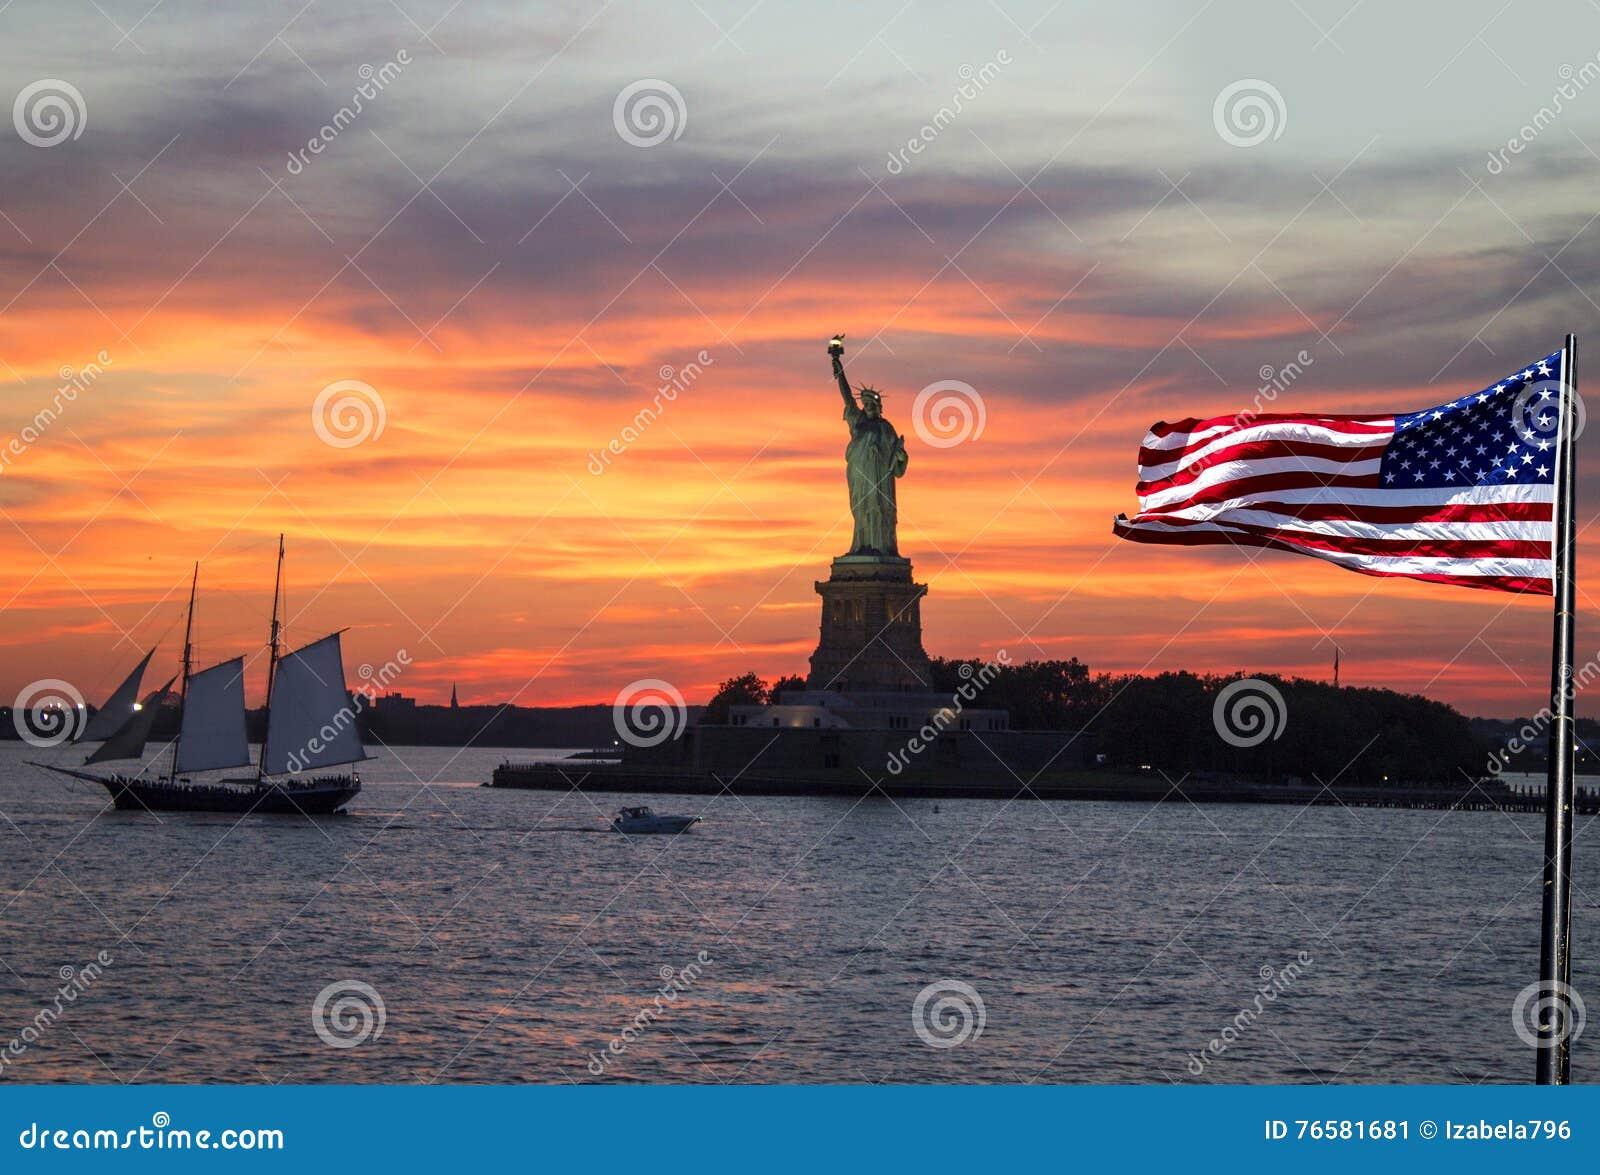 Άγαλμα της ελευθερίας, πόλη της Νέας Υόρκης στο ηλιοβασίλεμα